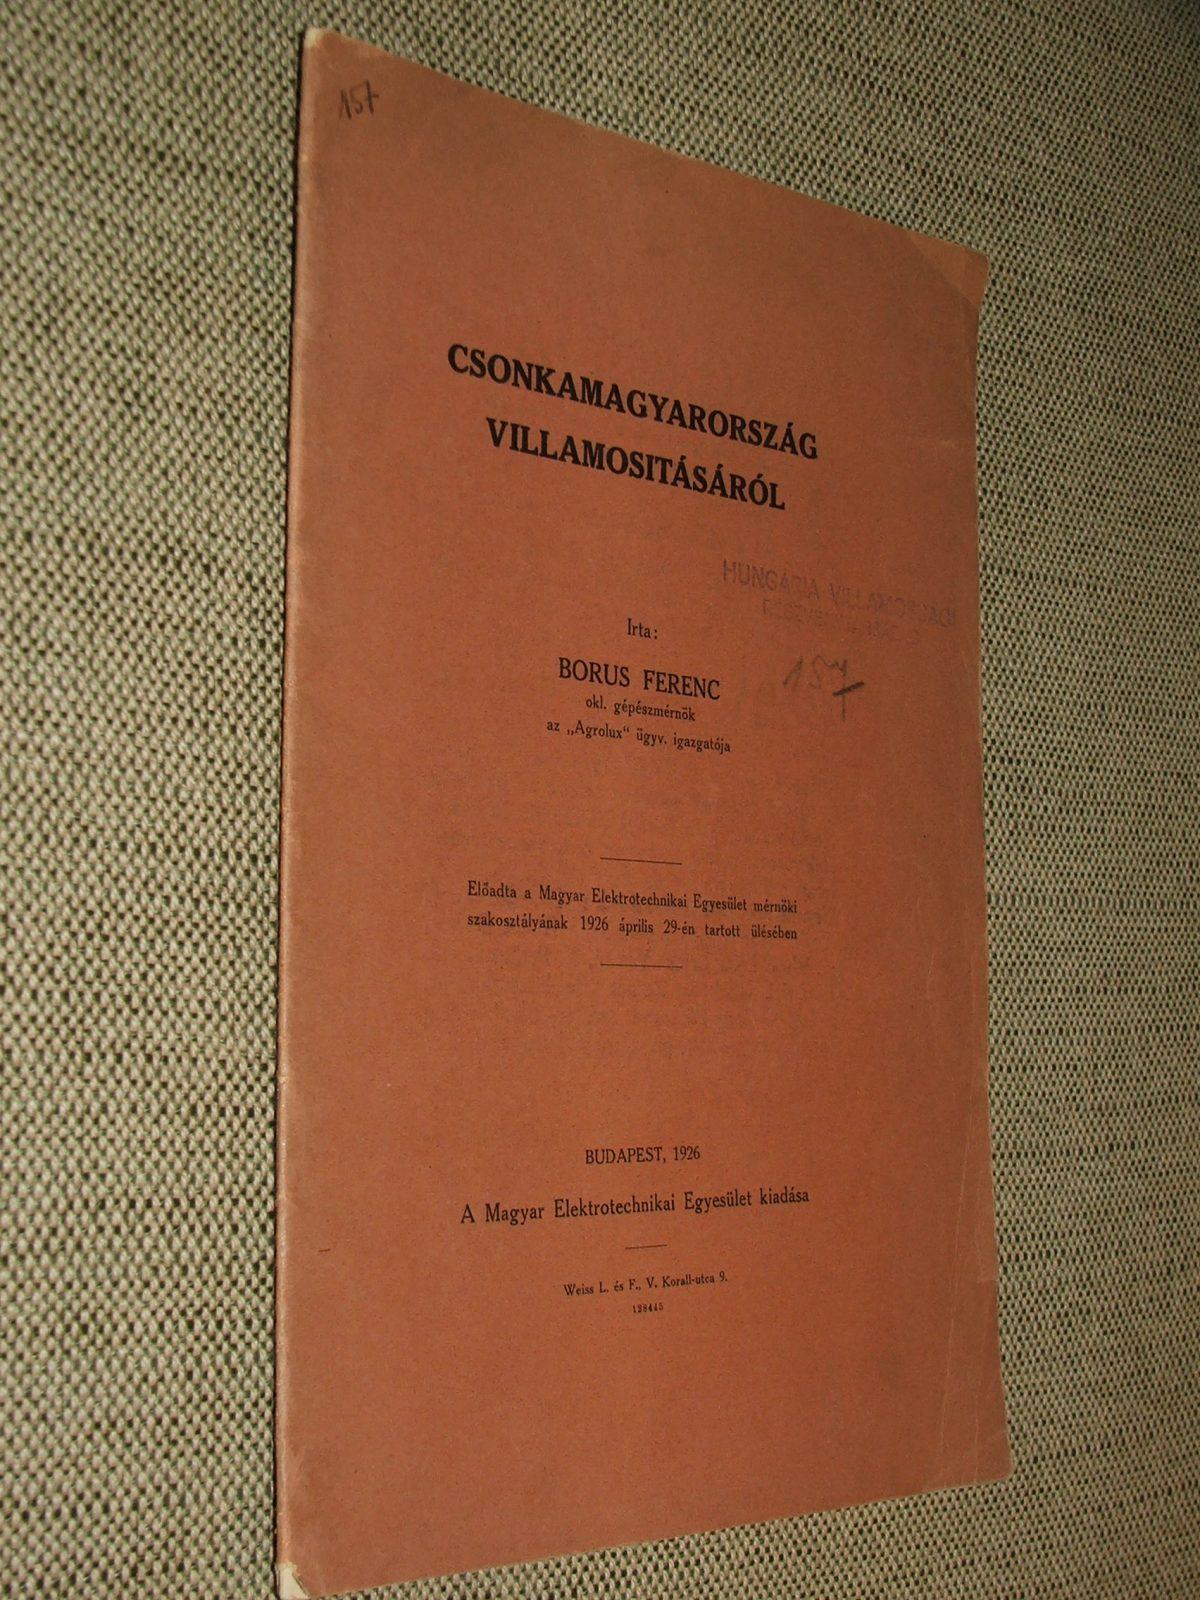 BORUS Ferenc: Csonkamagyarország villamosításáról